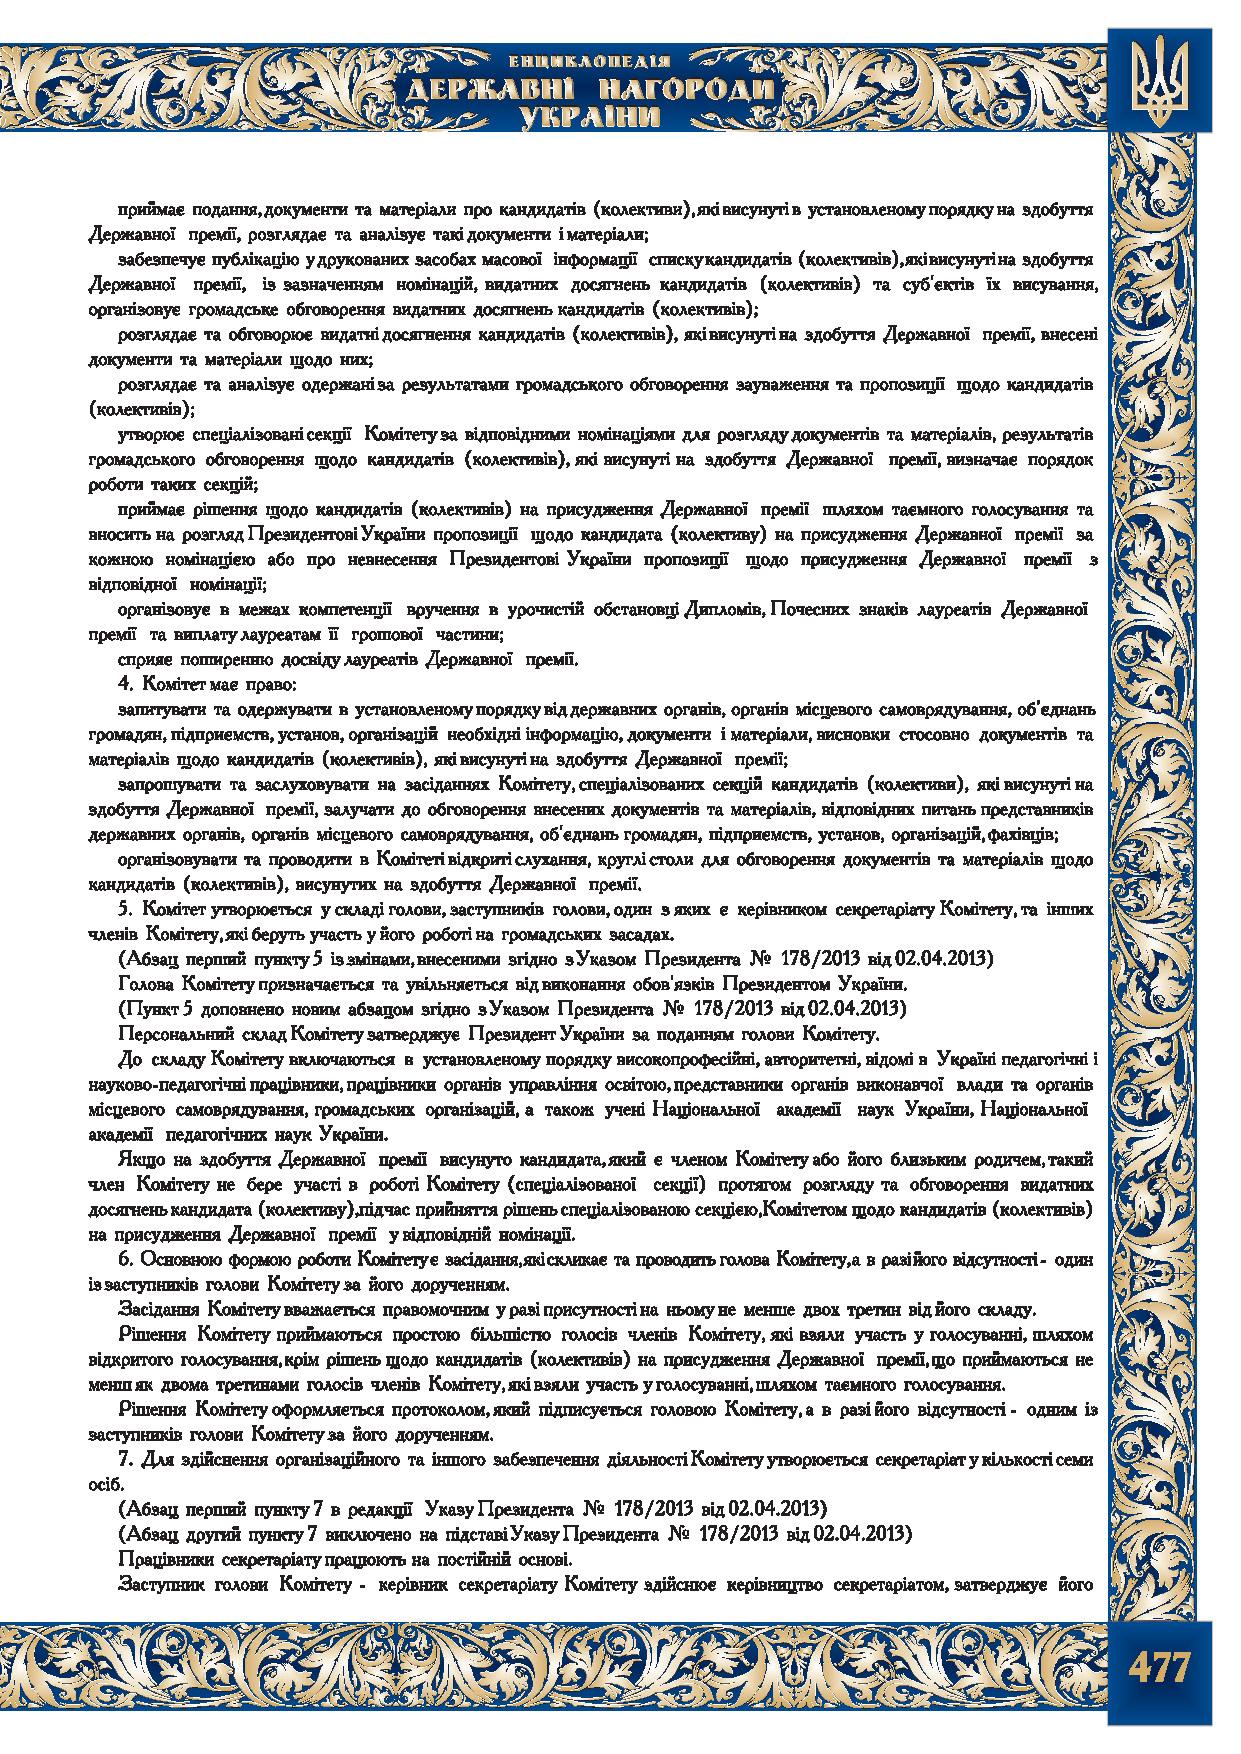 Положення про Комітет з  Державної премії України в галузі  освіти